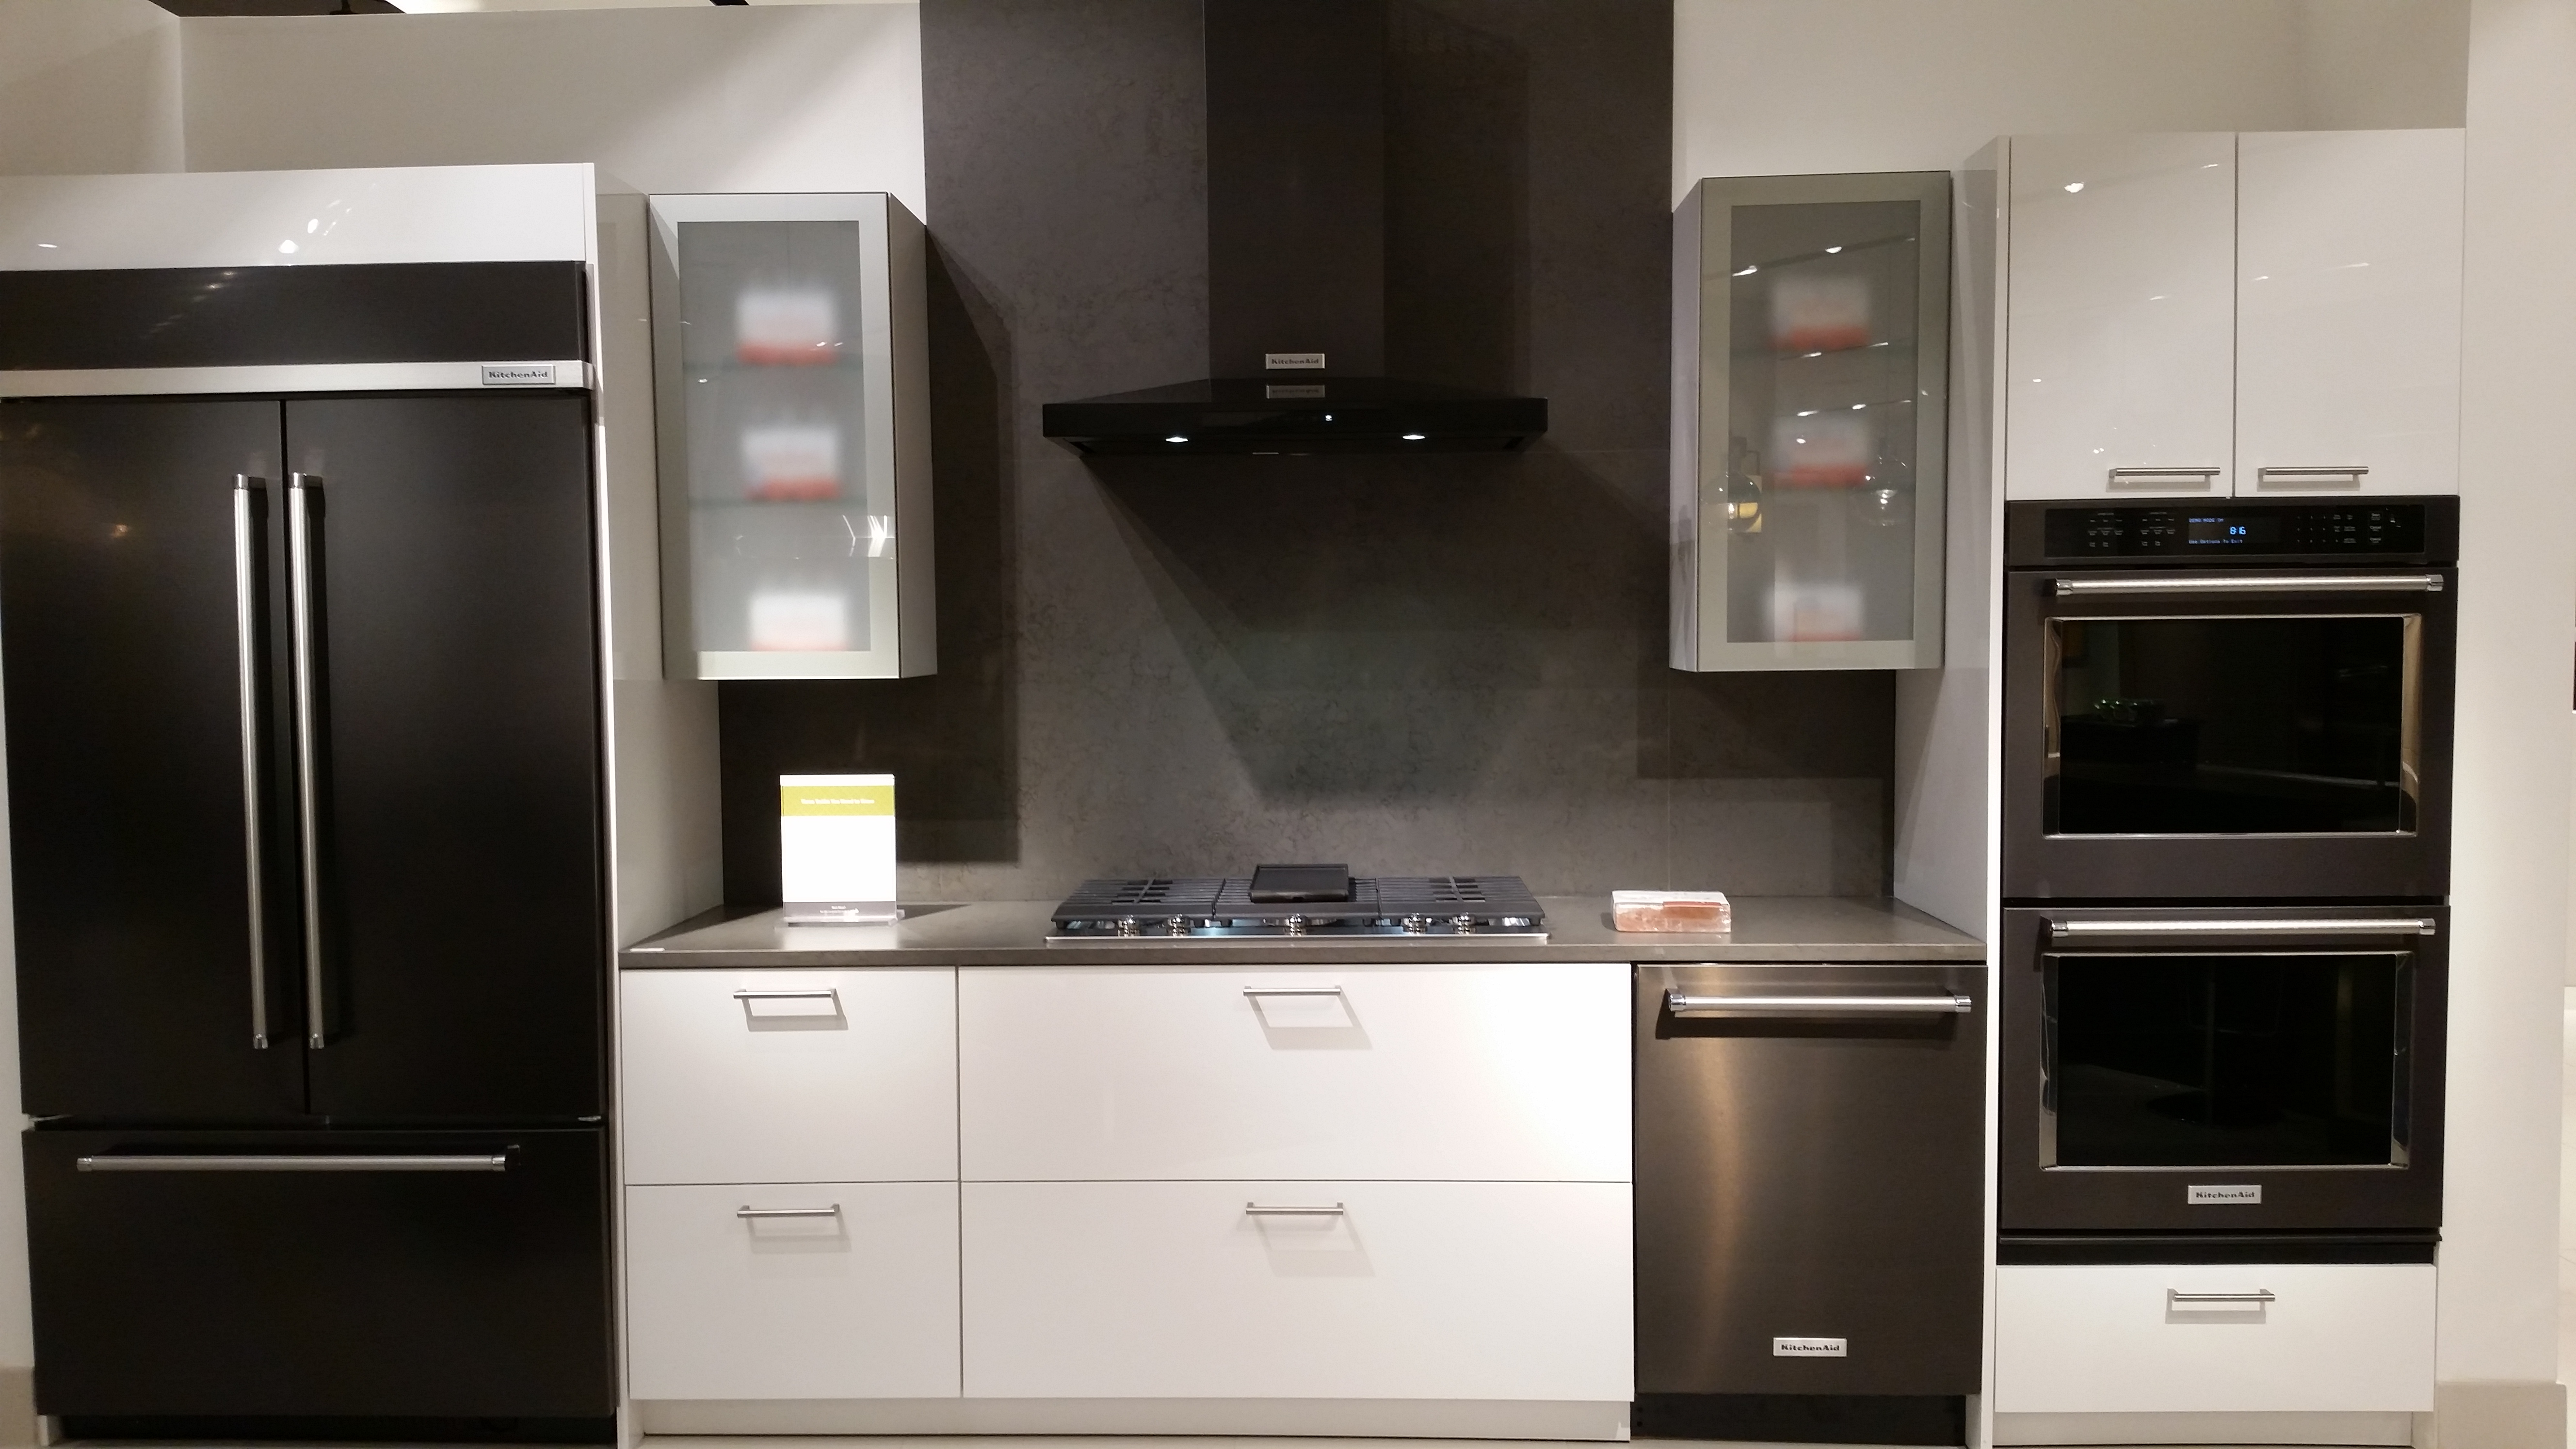 black, gray and white kitchen